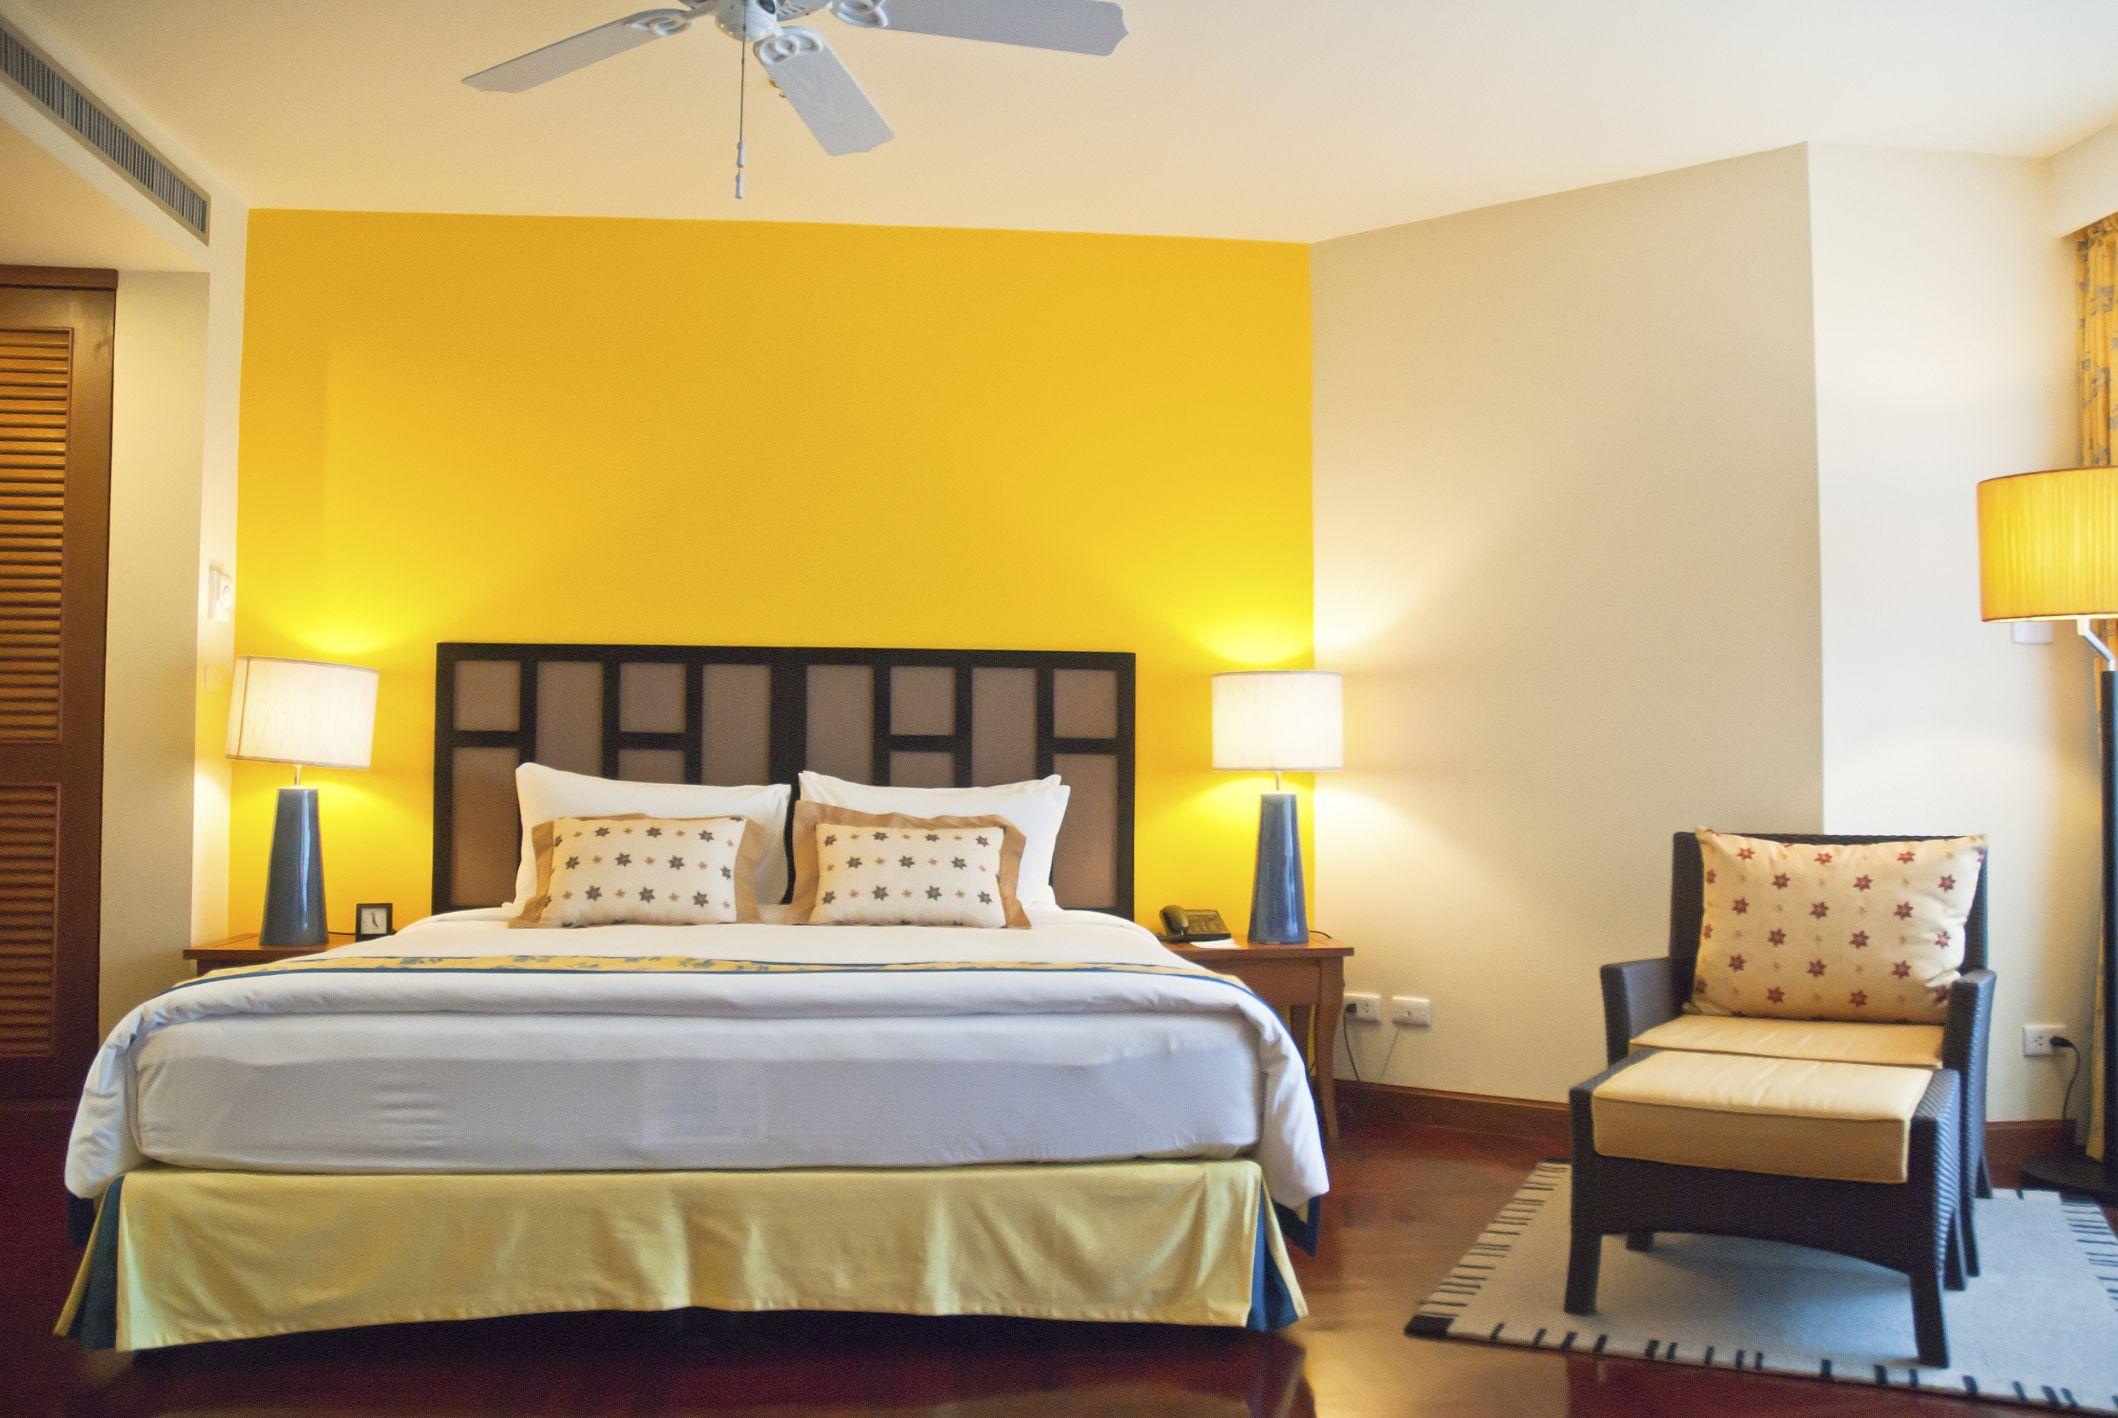 Calidez y confort l gralo con comex para mejores - Pintura y decoracion de casas ...